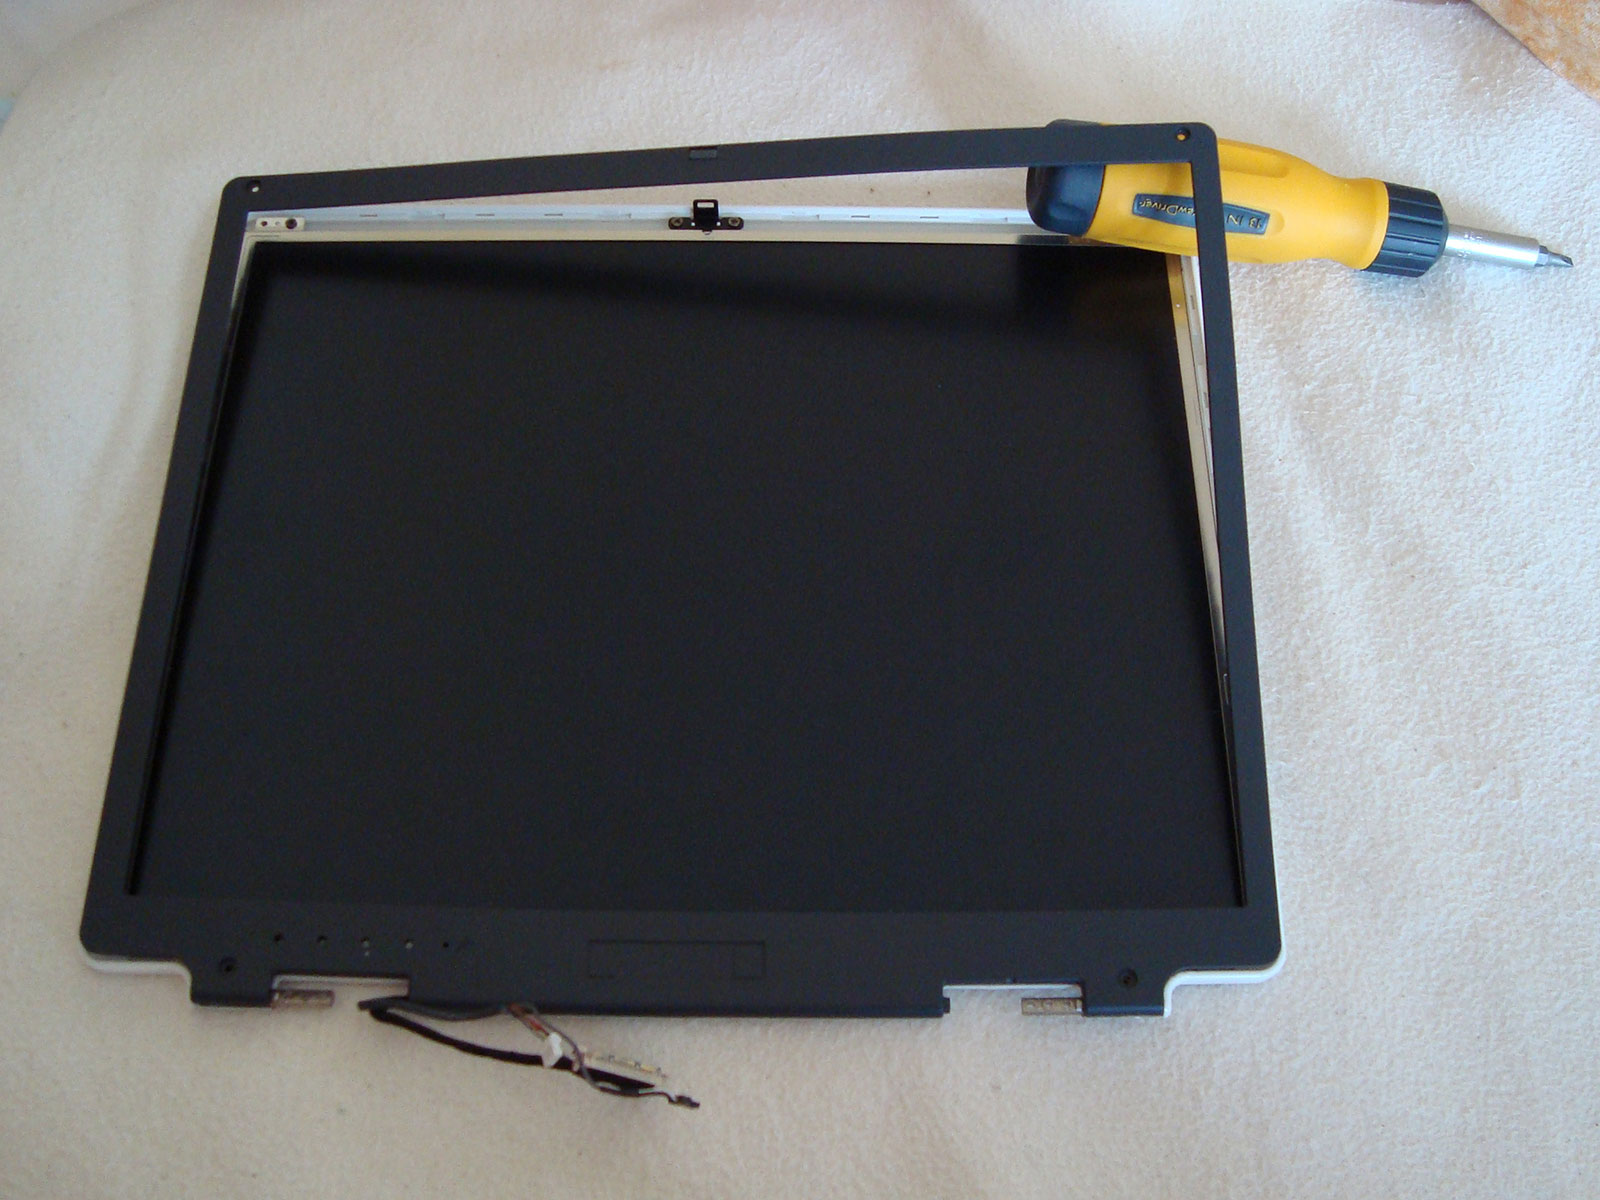 Ремонт матрицы на ноутбуке своими руками 537